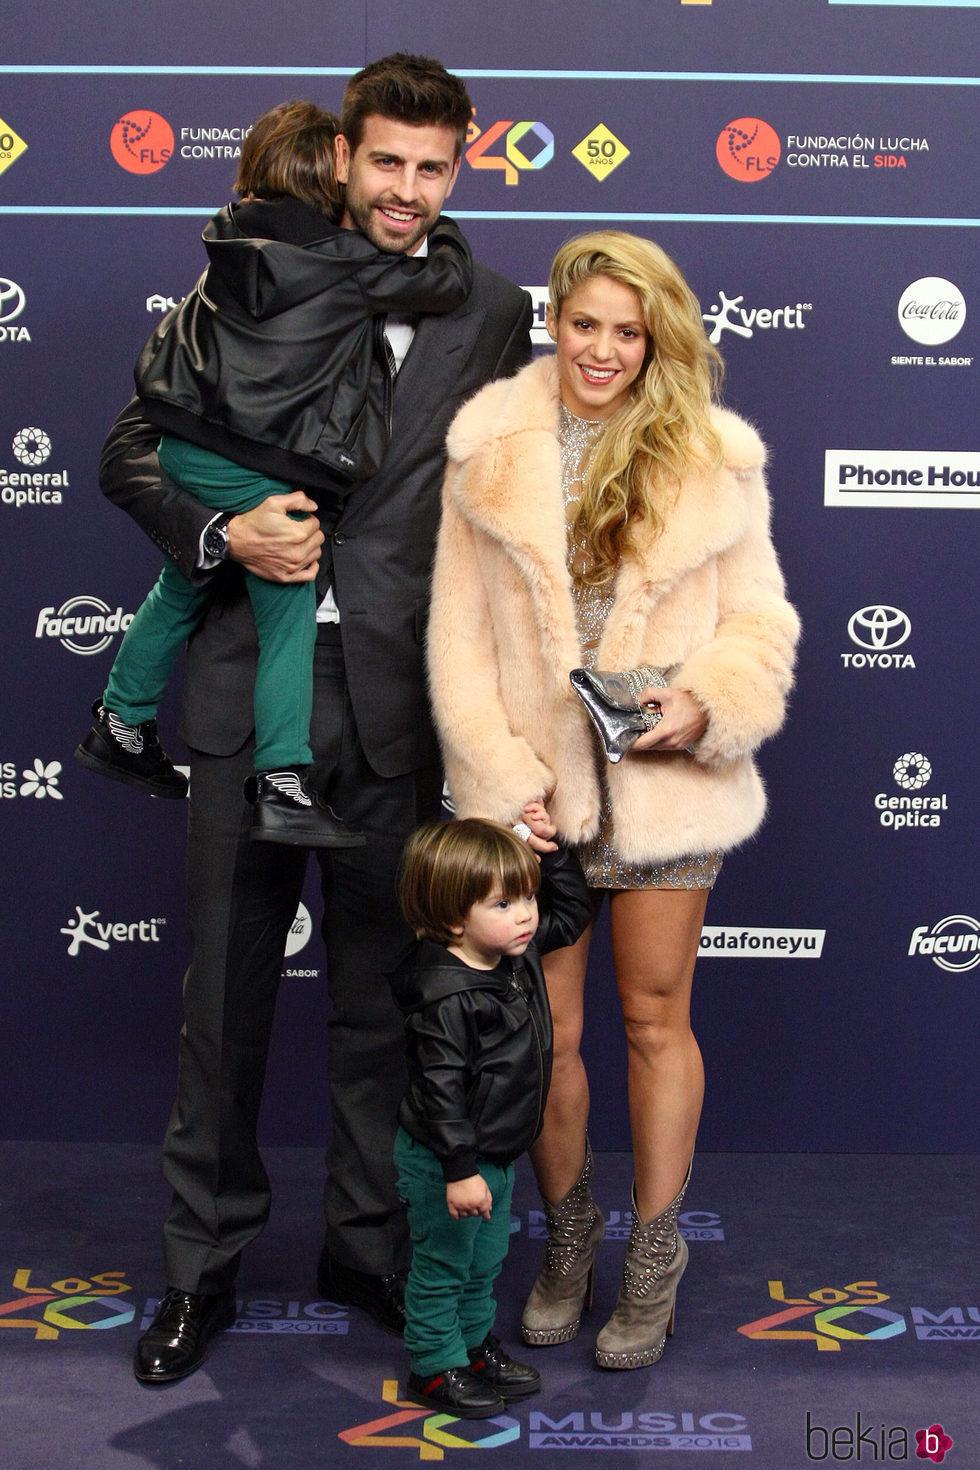 Gerard Piqué y Shakira con sus hijos Milan y Sasha en Los40 Music Awards 2016